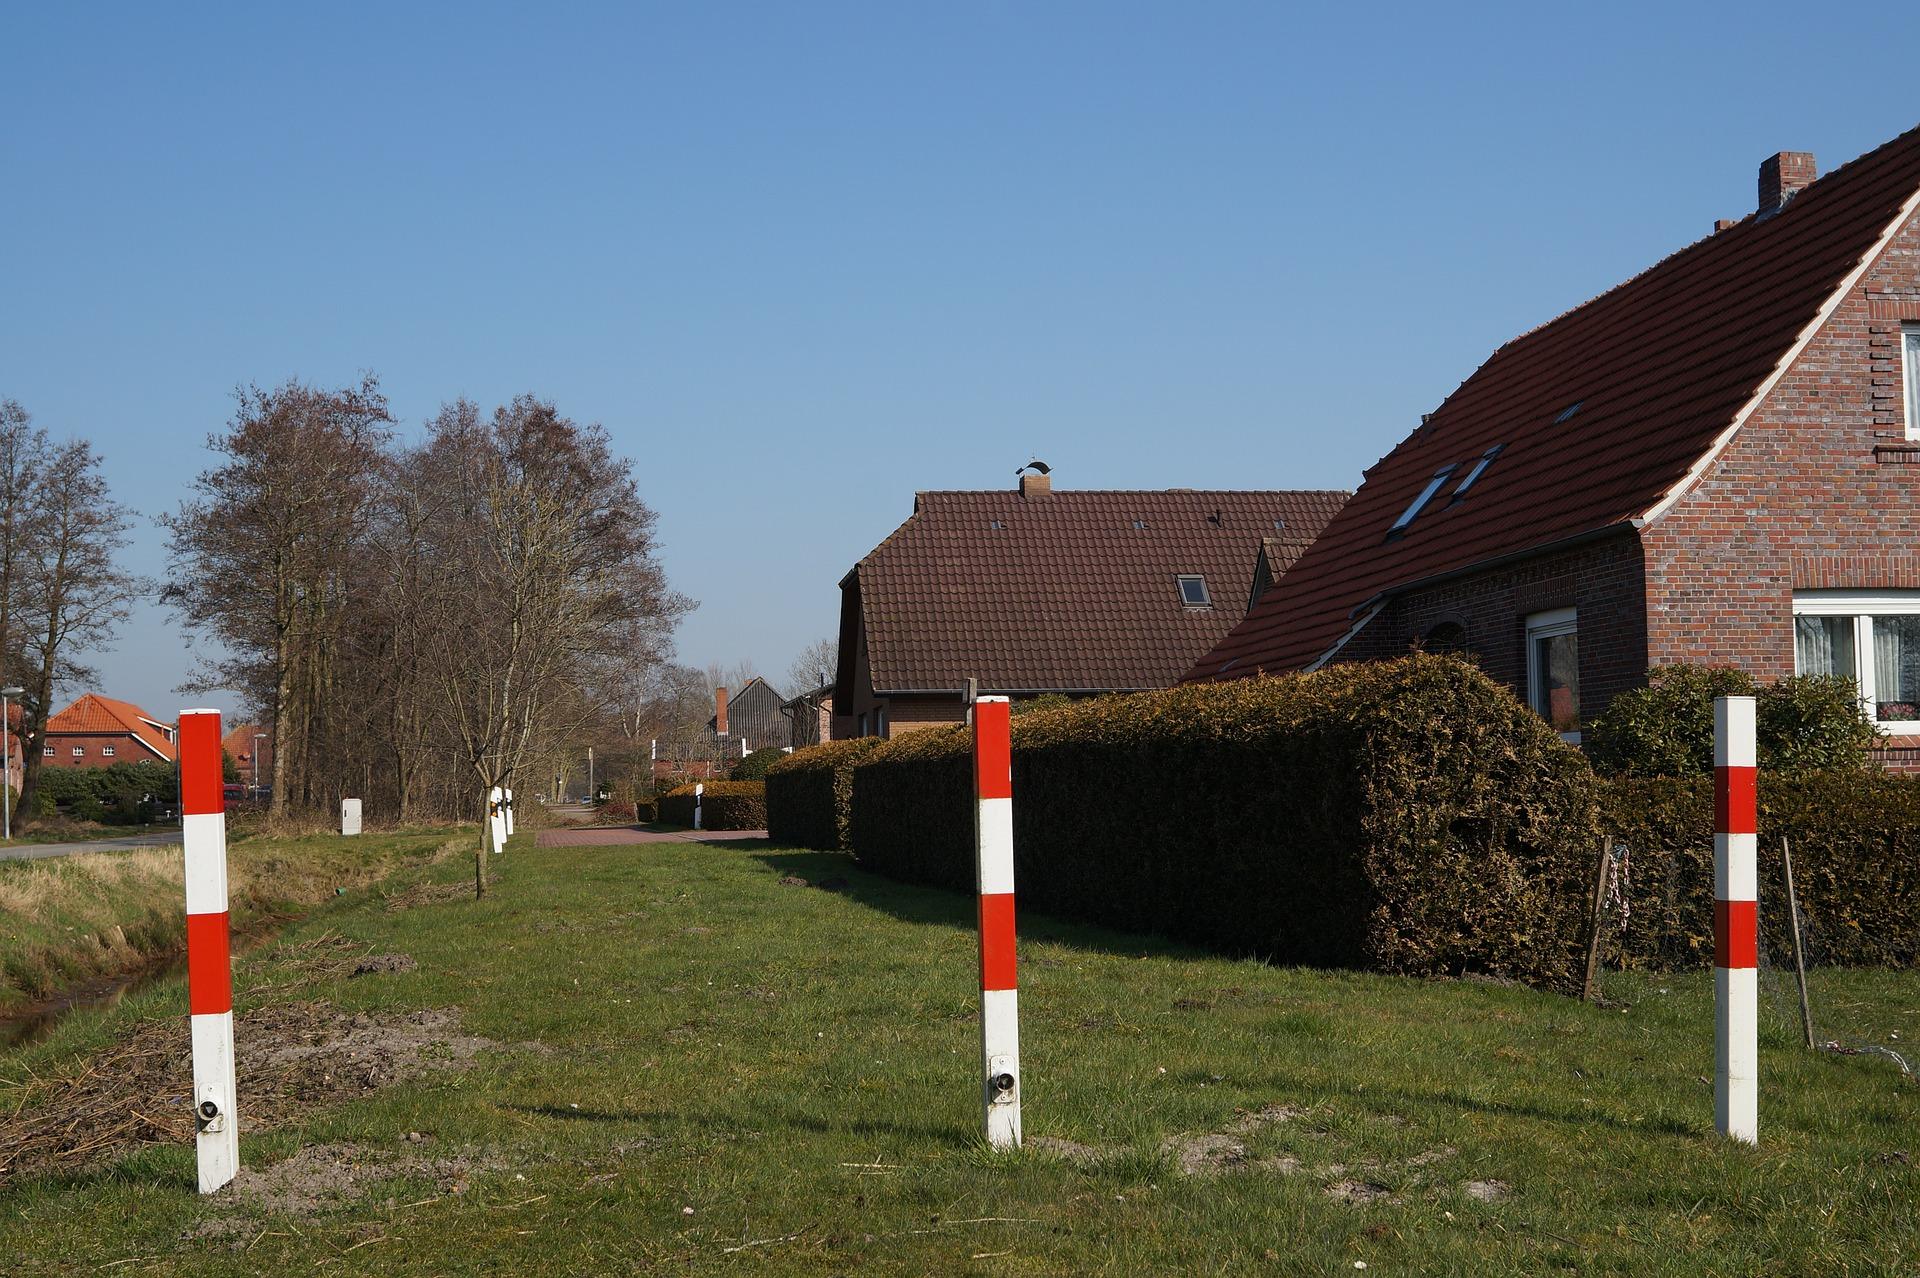 Rodzaje praw własności przy zakupie nieruchomości